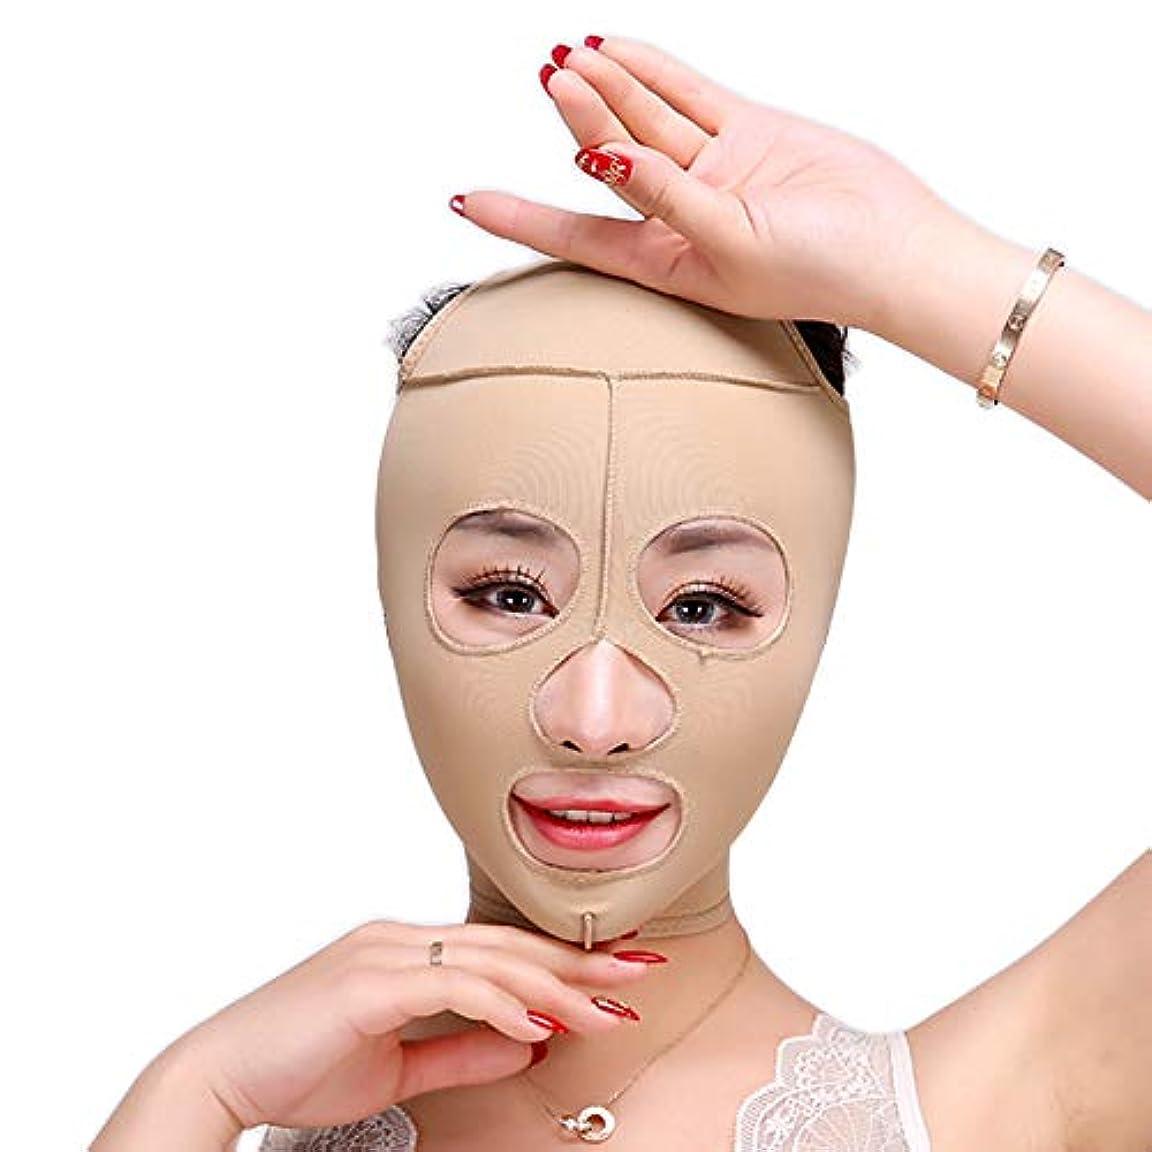 手を差し伸べるバックペック顔を細くするためのフェイスリフトフルマスク、抗シワグルーミングレジューサスキン引き締めフェイシャルケアフェイスベルト,L